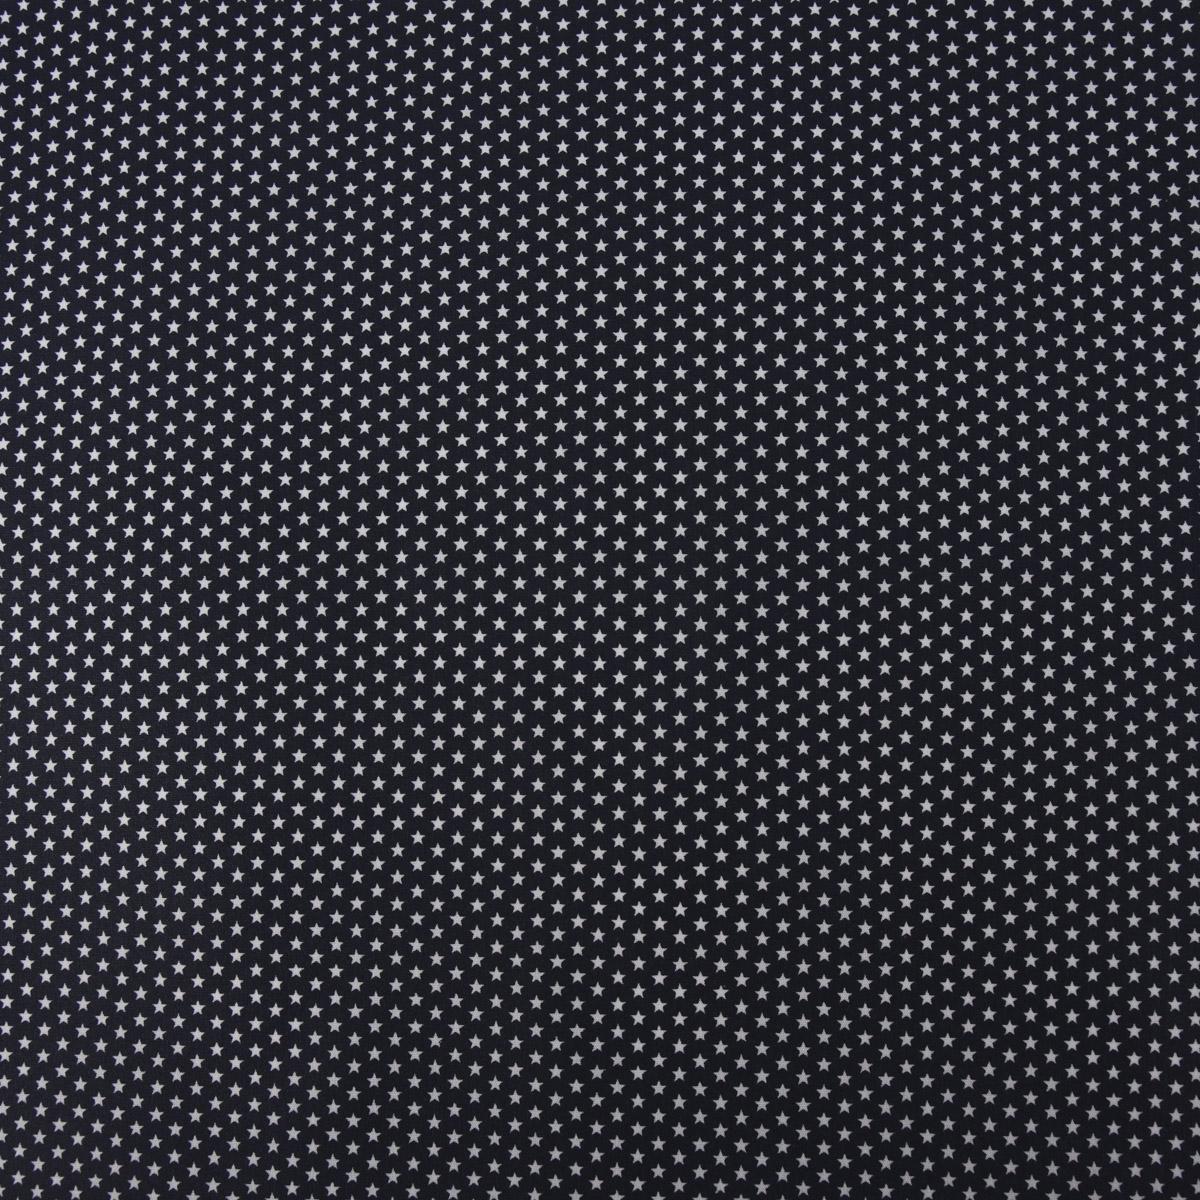 Tischdeckenstoff beschichtete Baumwolle Punkte schwarz weiß 1,5m Breite